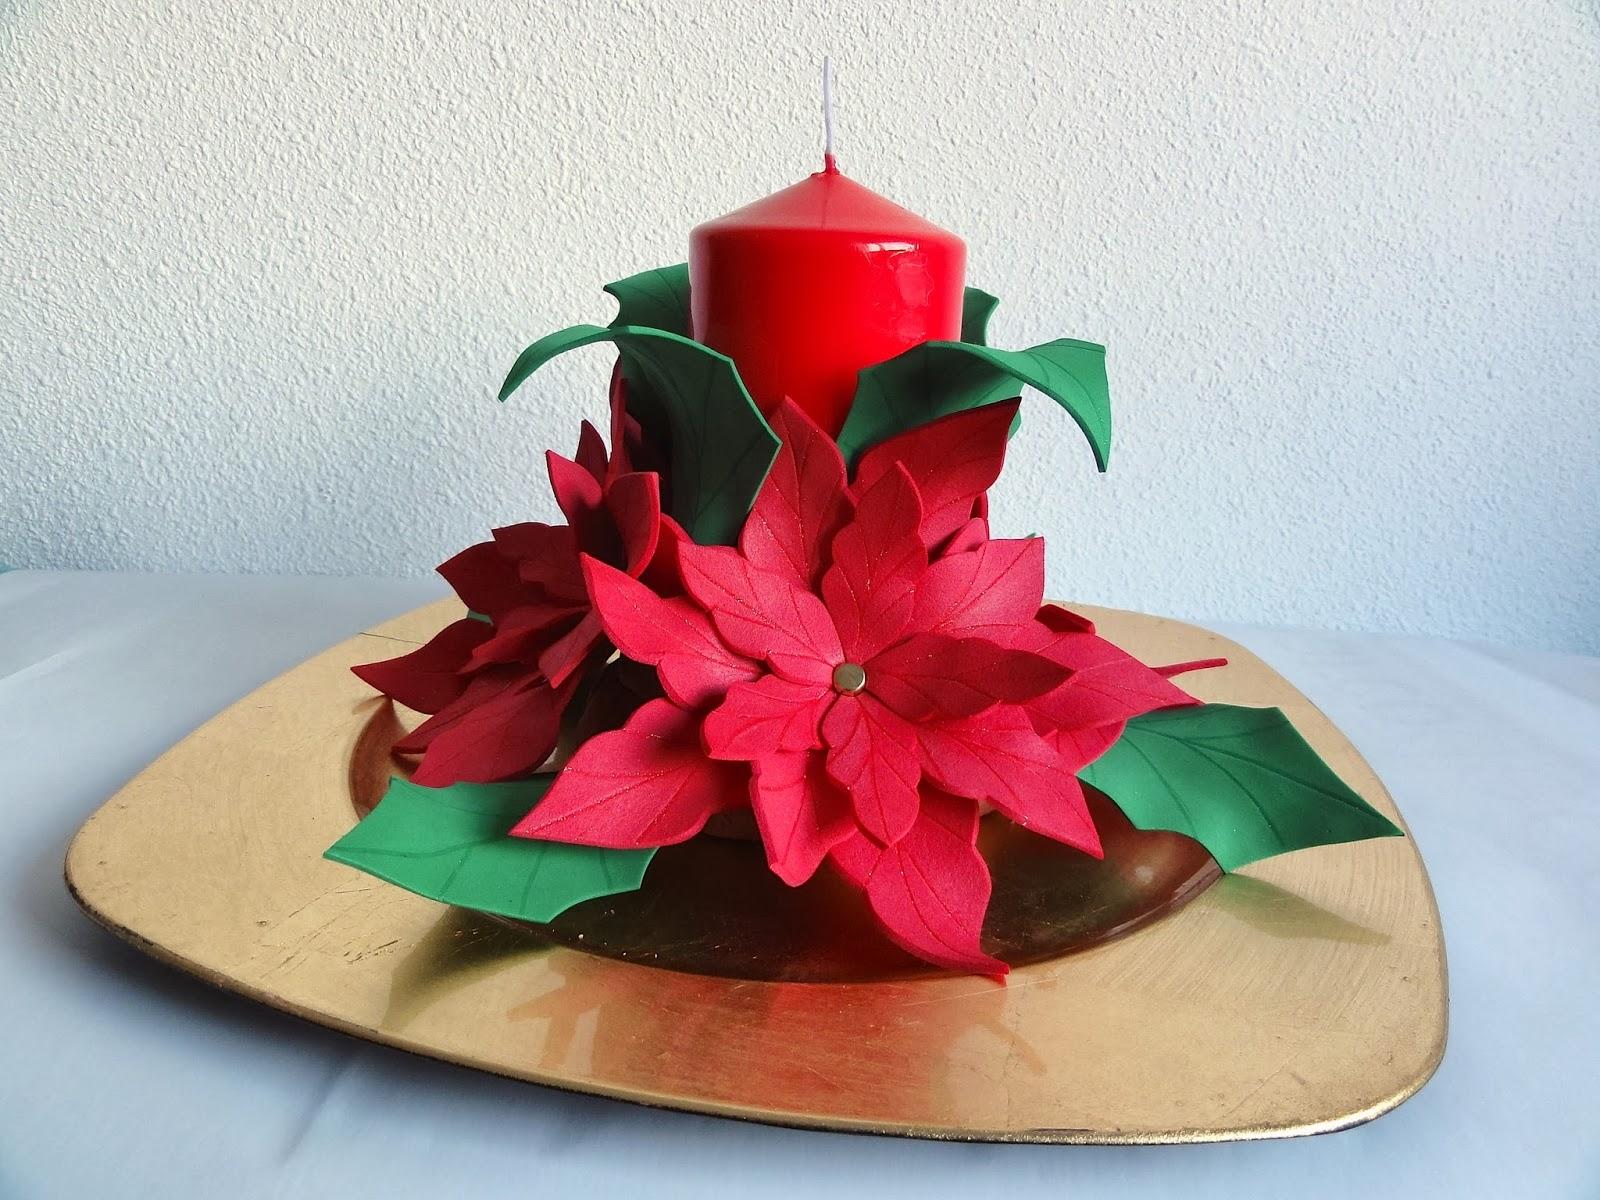 Monogrfico de Navidad con Goma Eva Espacio Coronado